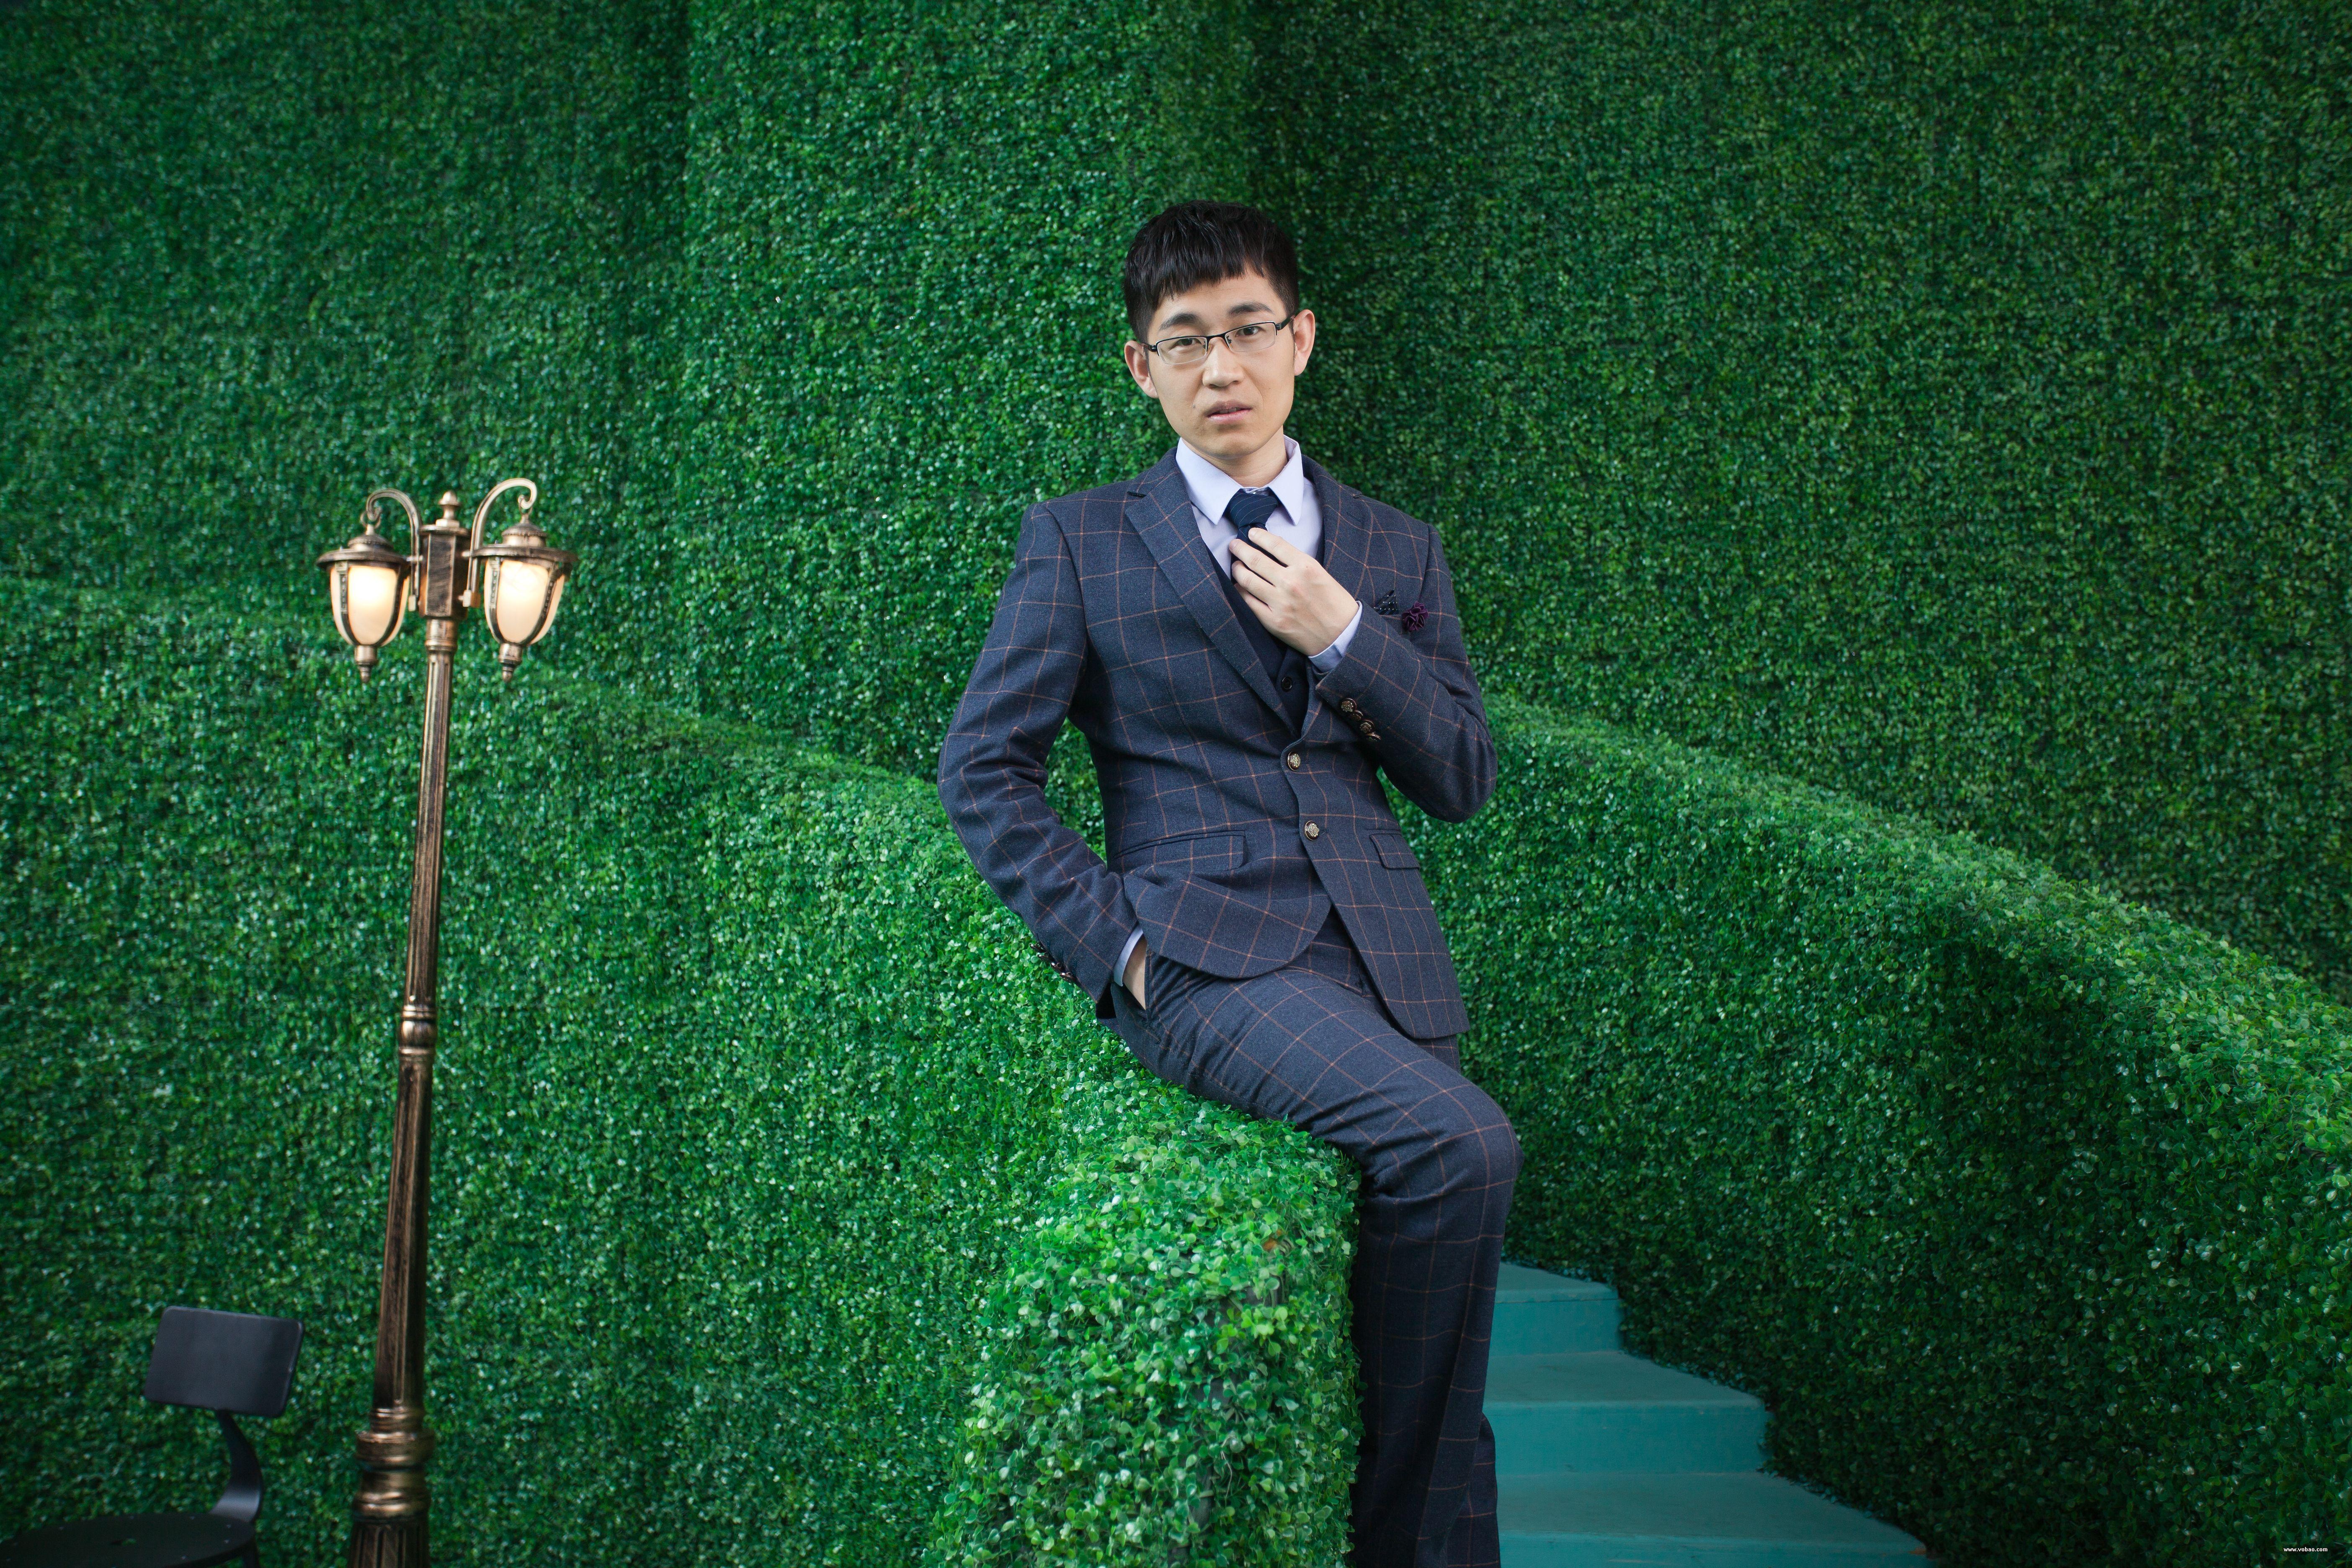 淄博太平洋保险 太平洋保险 山东淄博 公司逯福军的高清图片